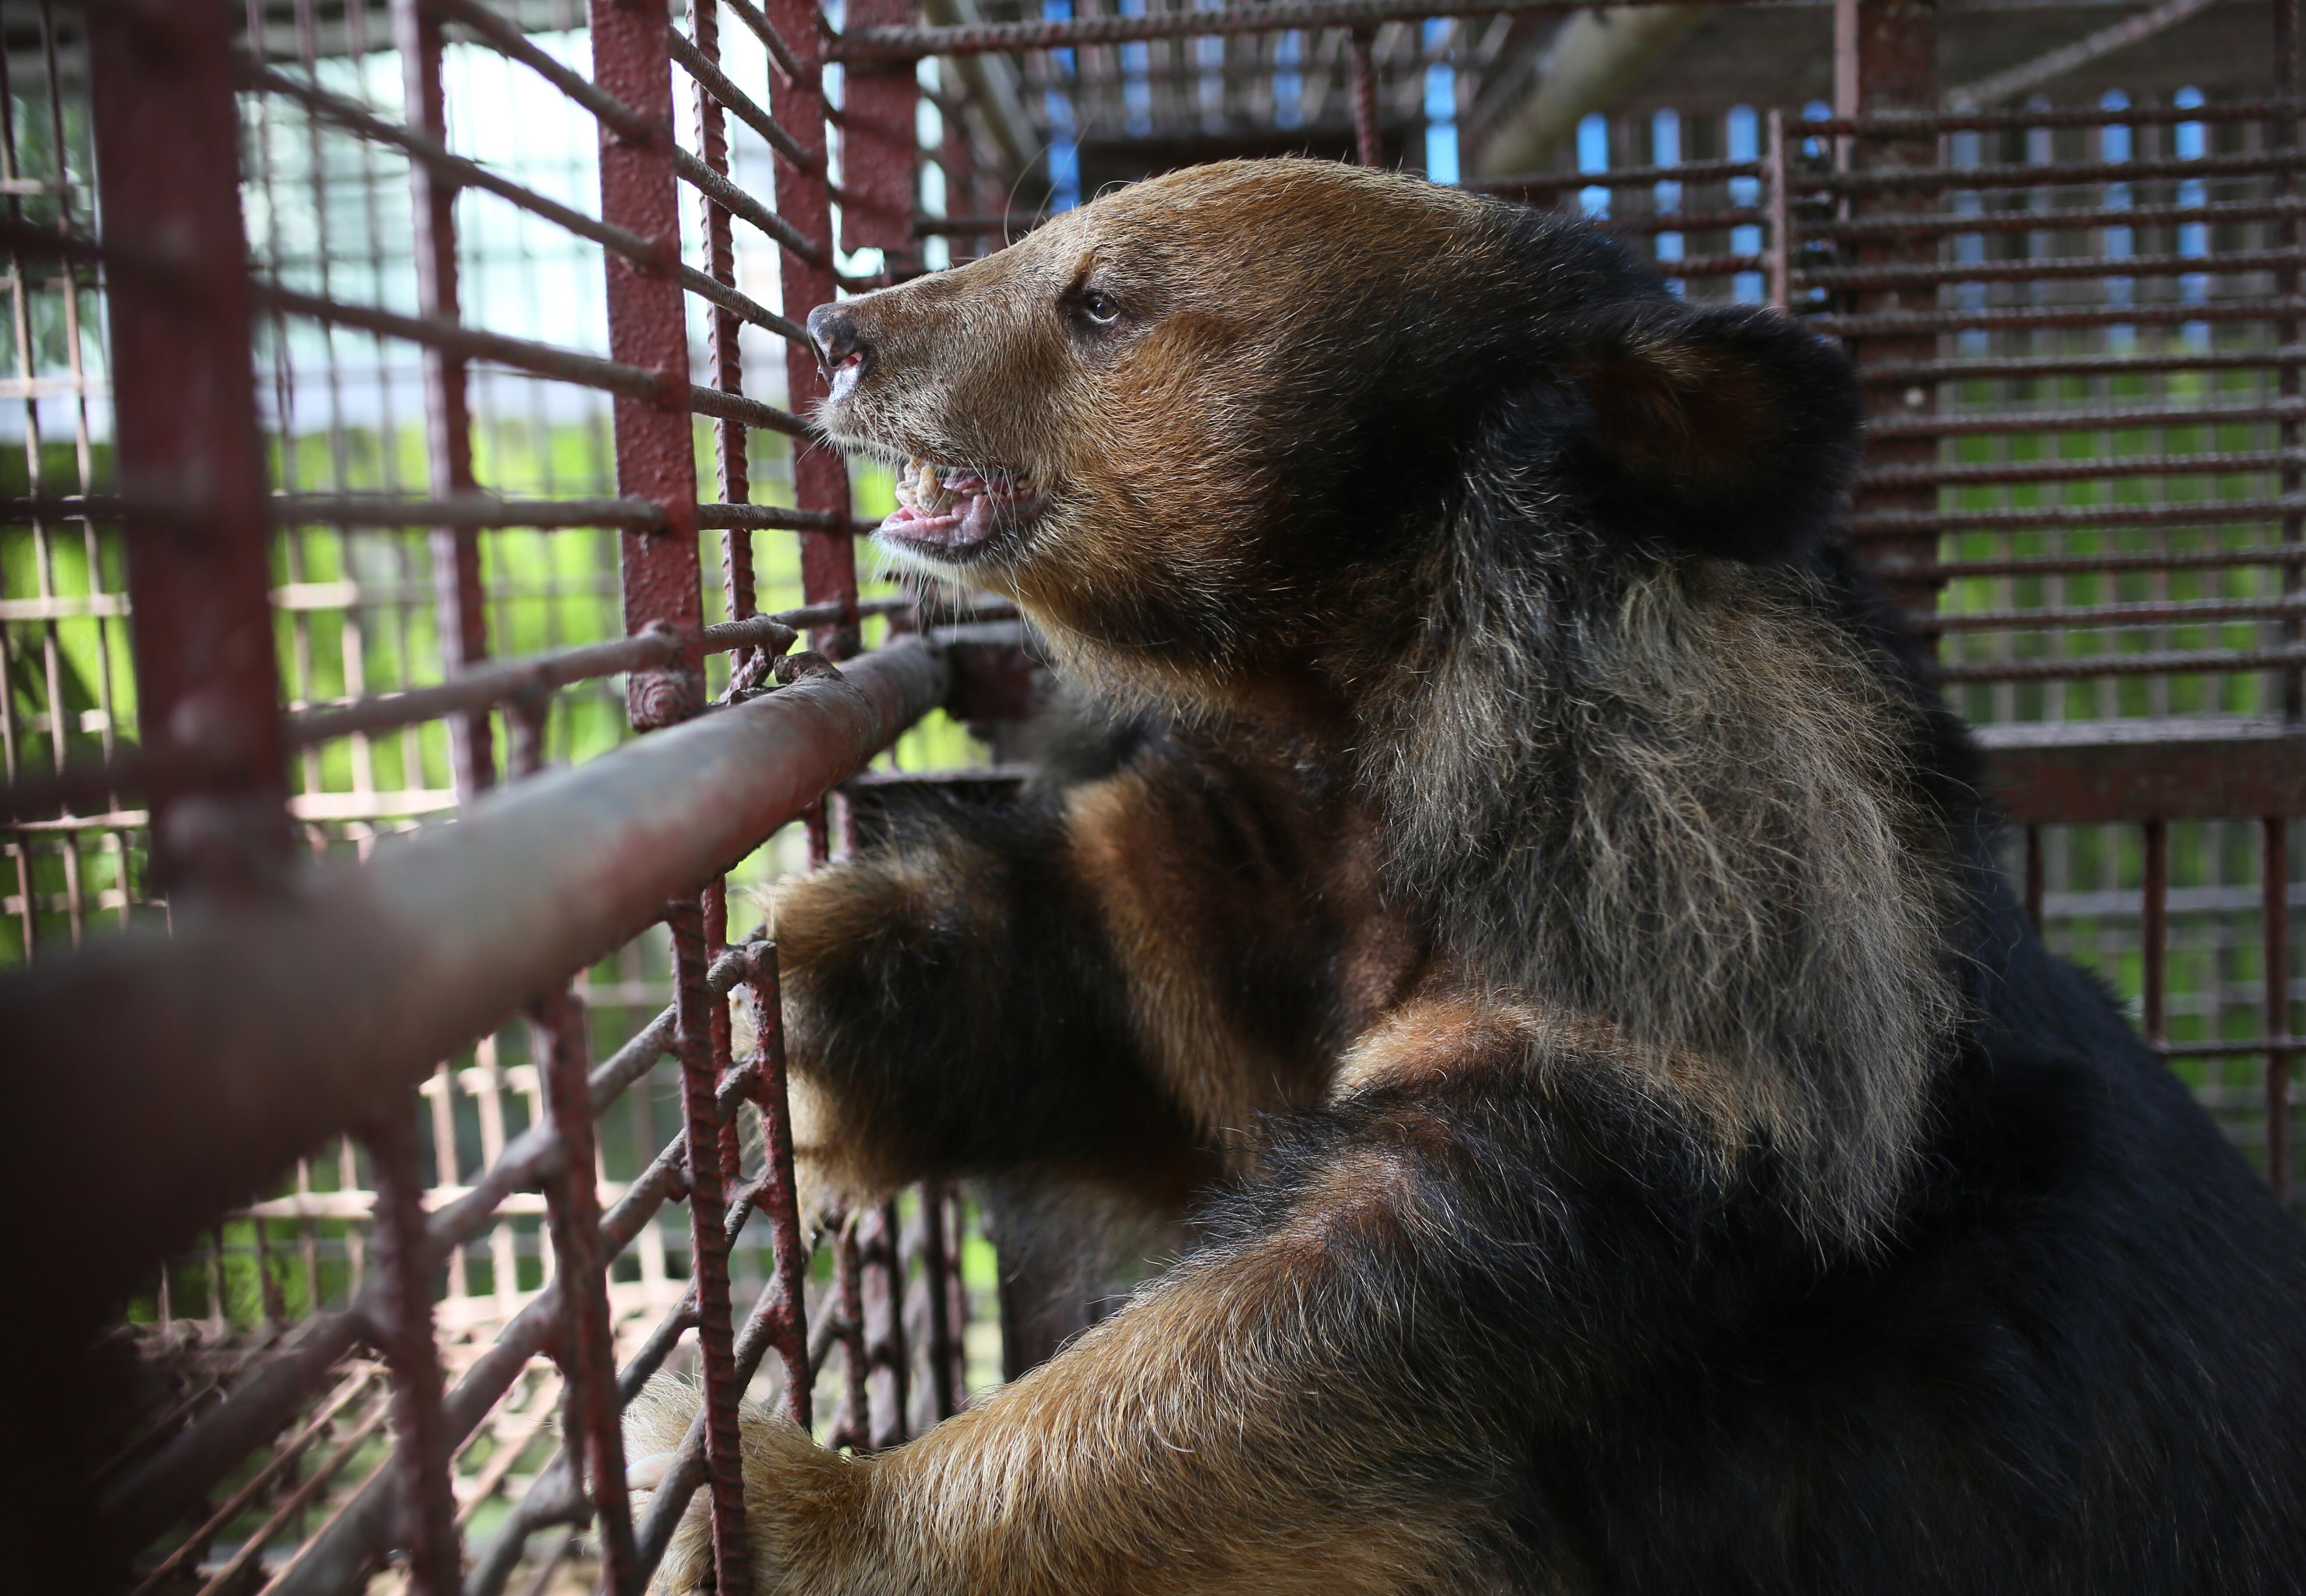 7 bile bears rescued